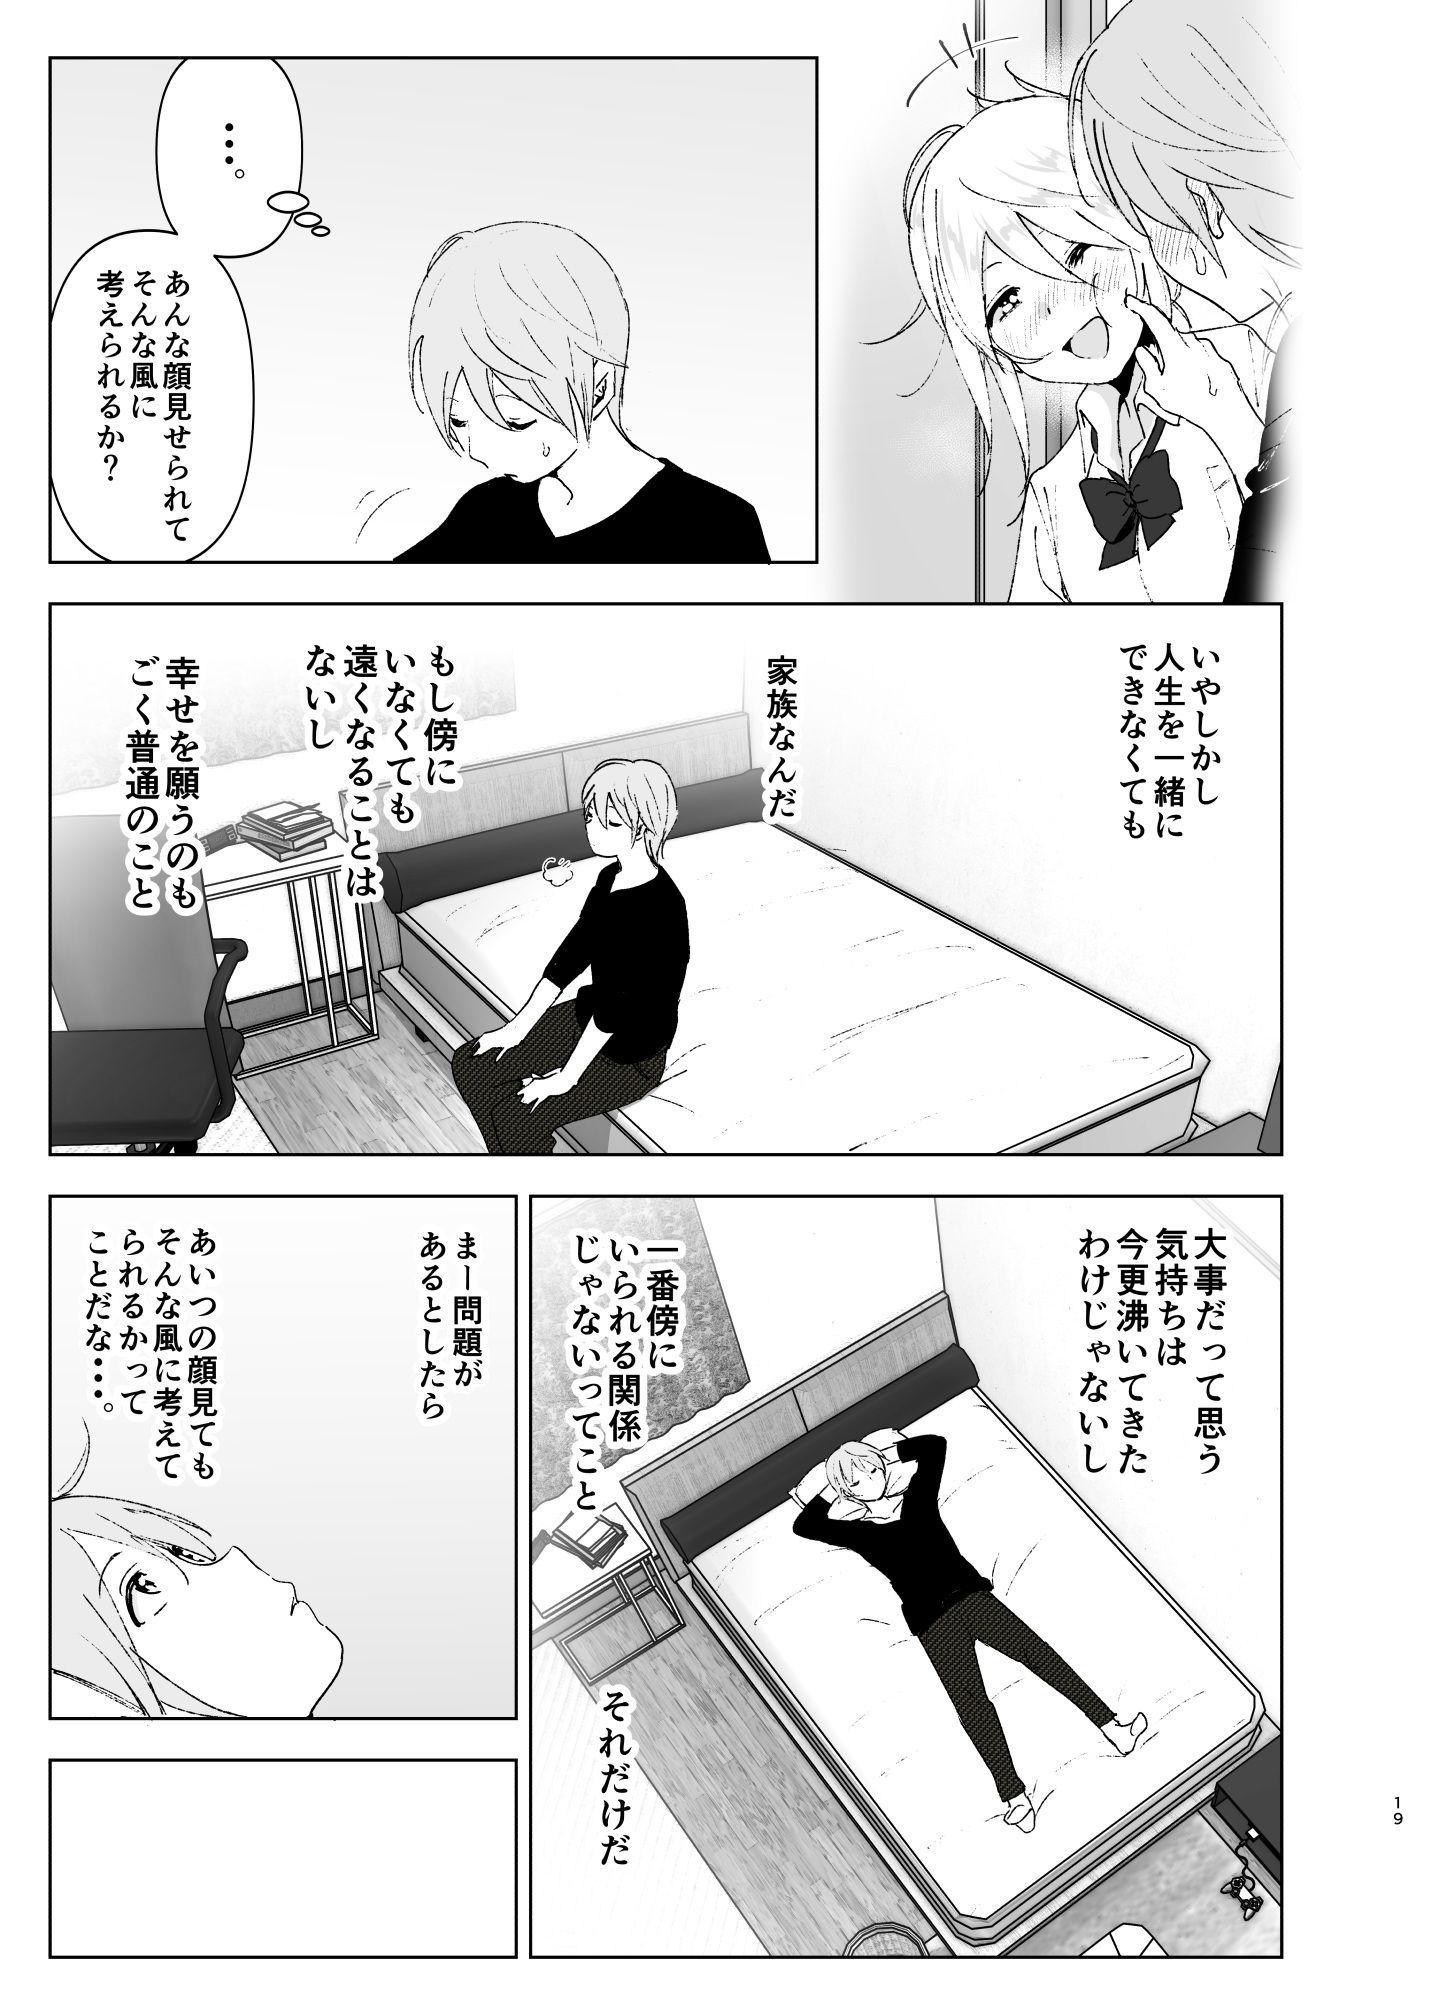 エロ-9-5 兄と妹の少し切ない純愛エロ漫画に勃起が収まらないwww【エロ漫画:昔は可愛かった2:すぺ】